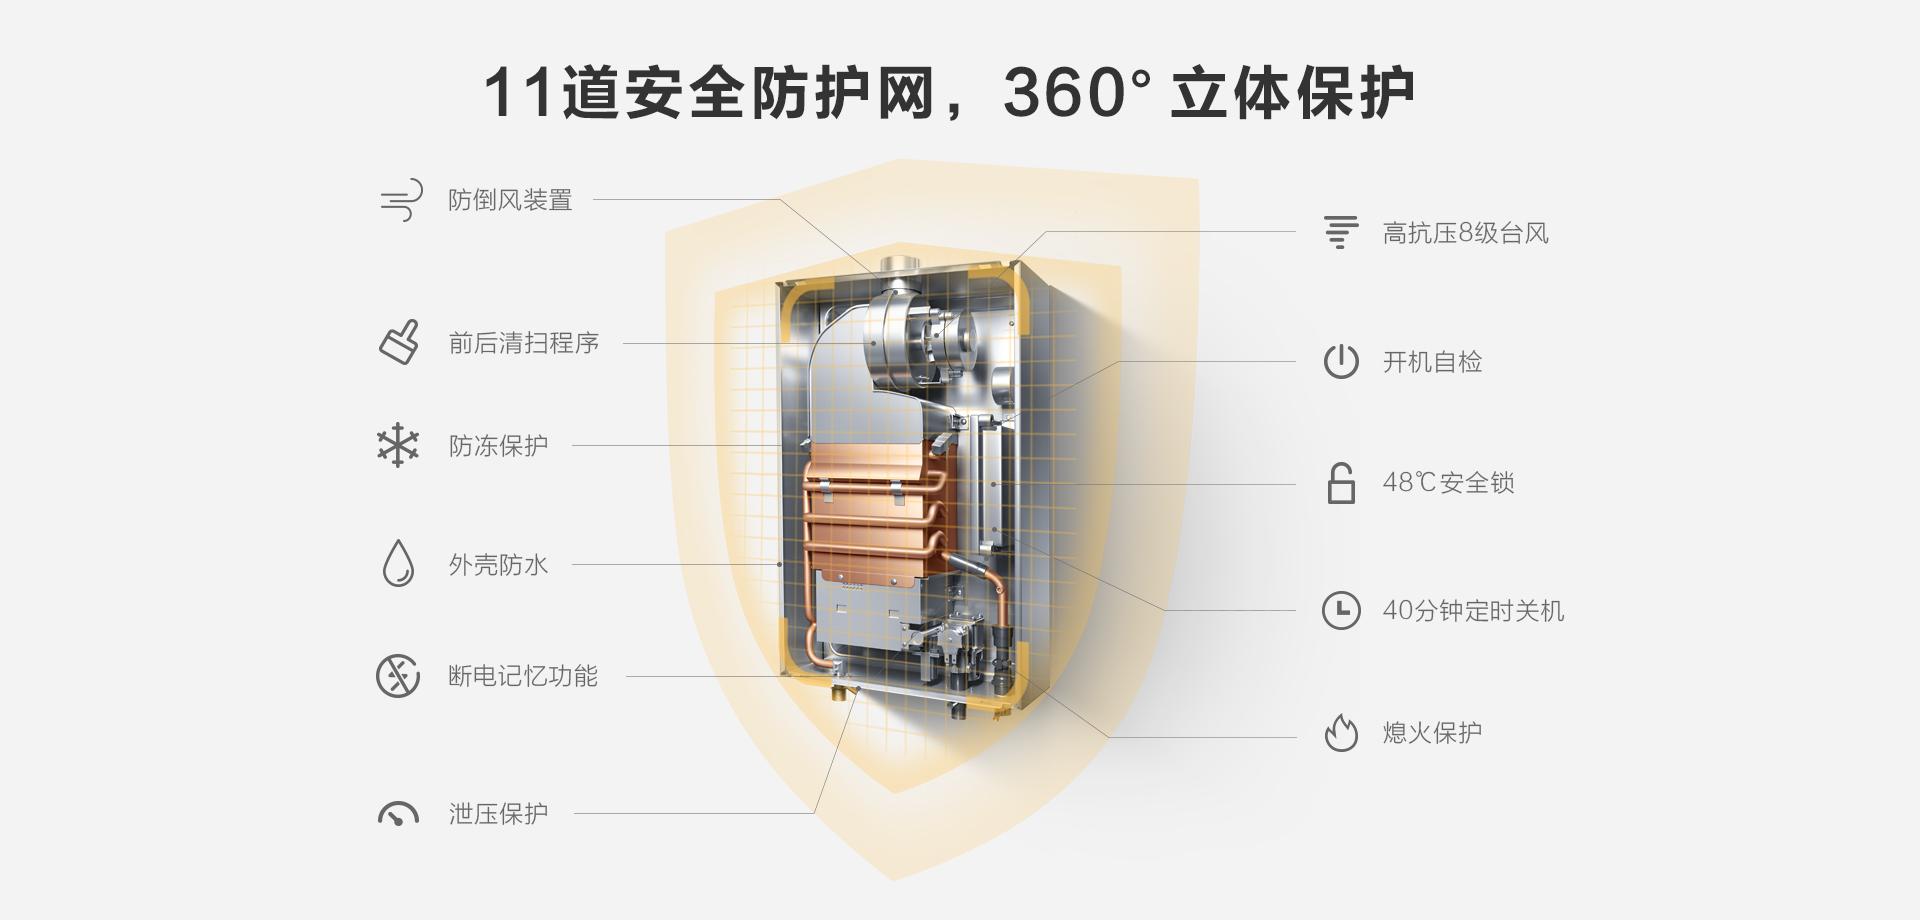 热水器HT600-PC版-190808_02.jpg